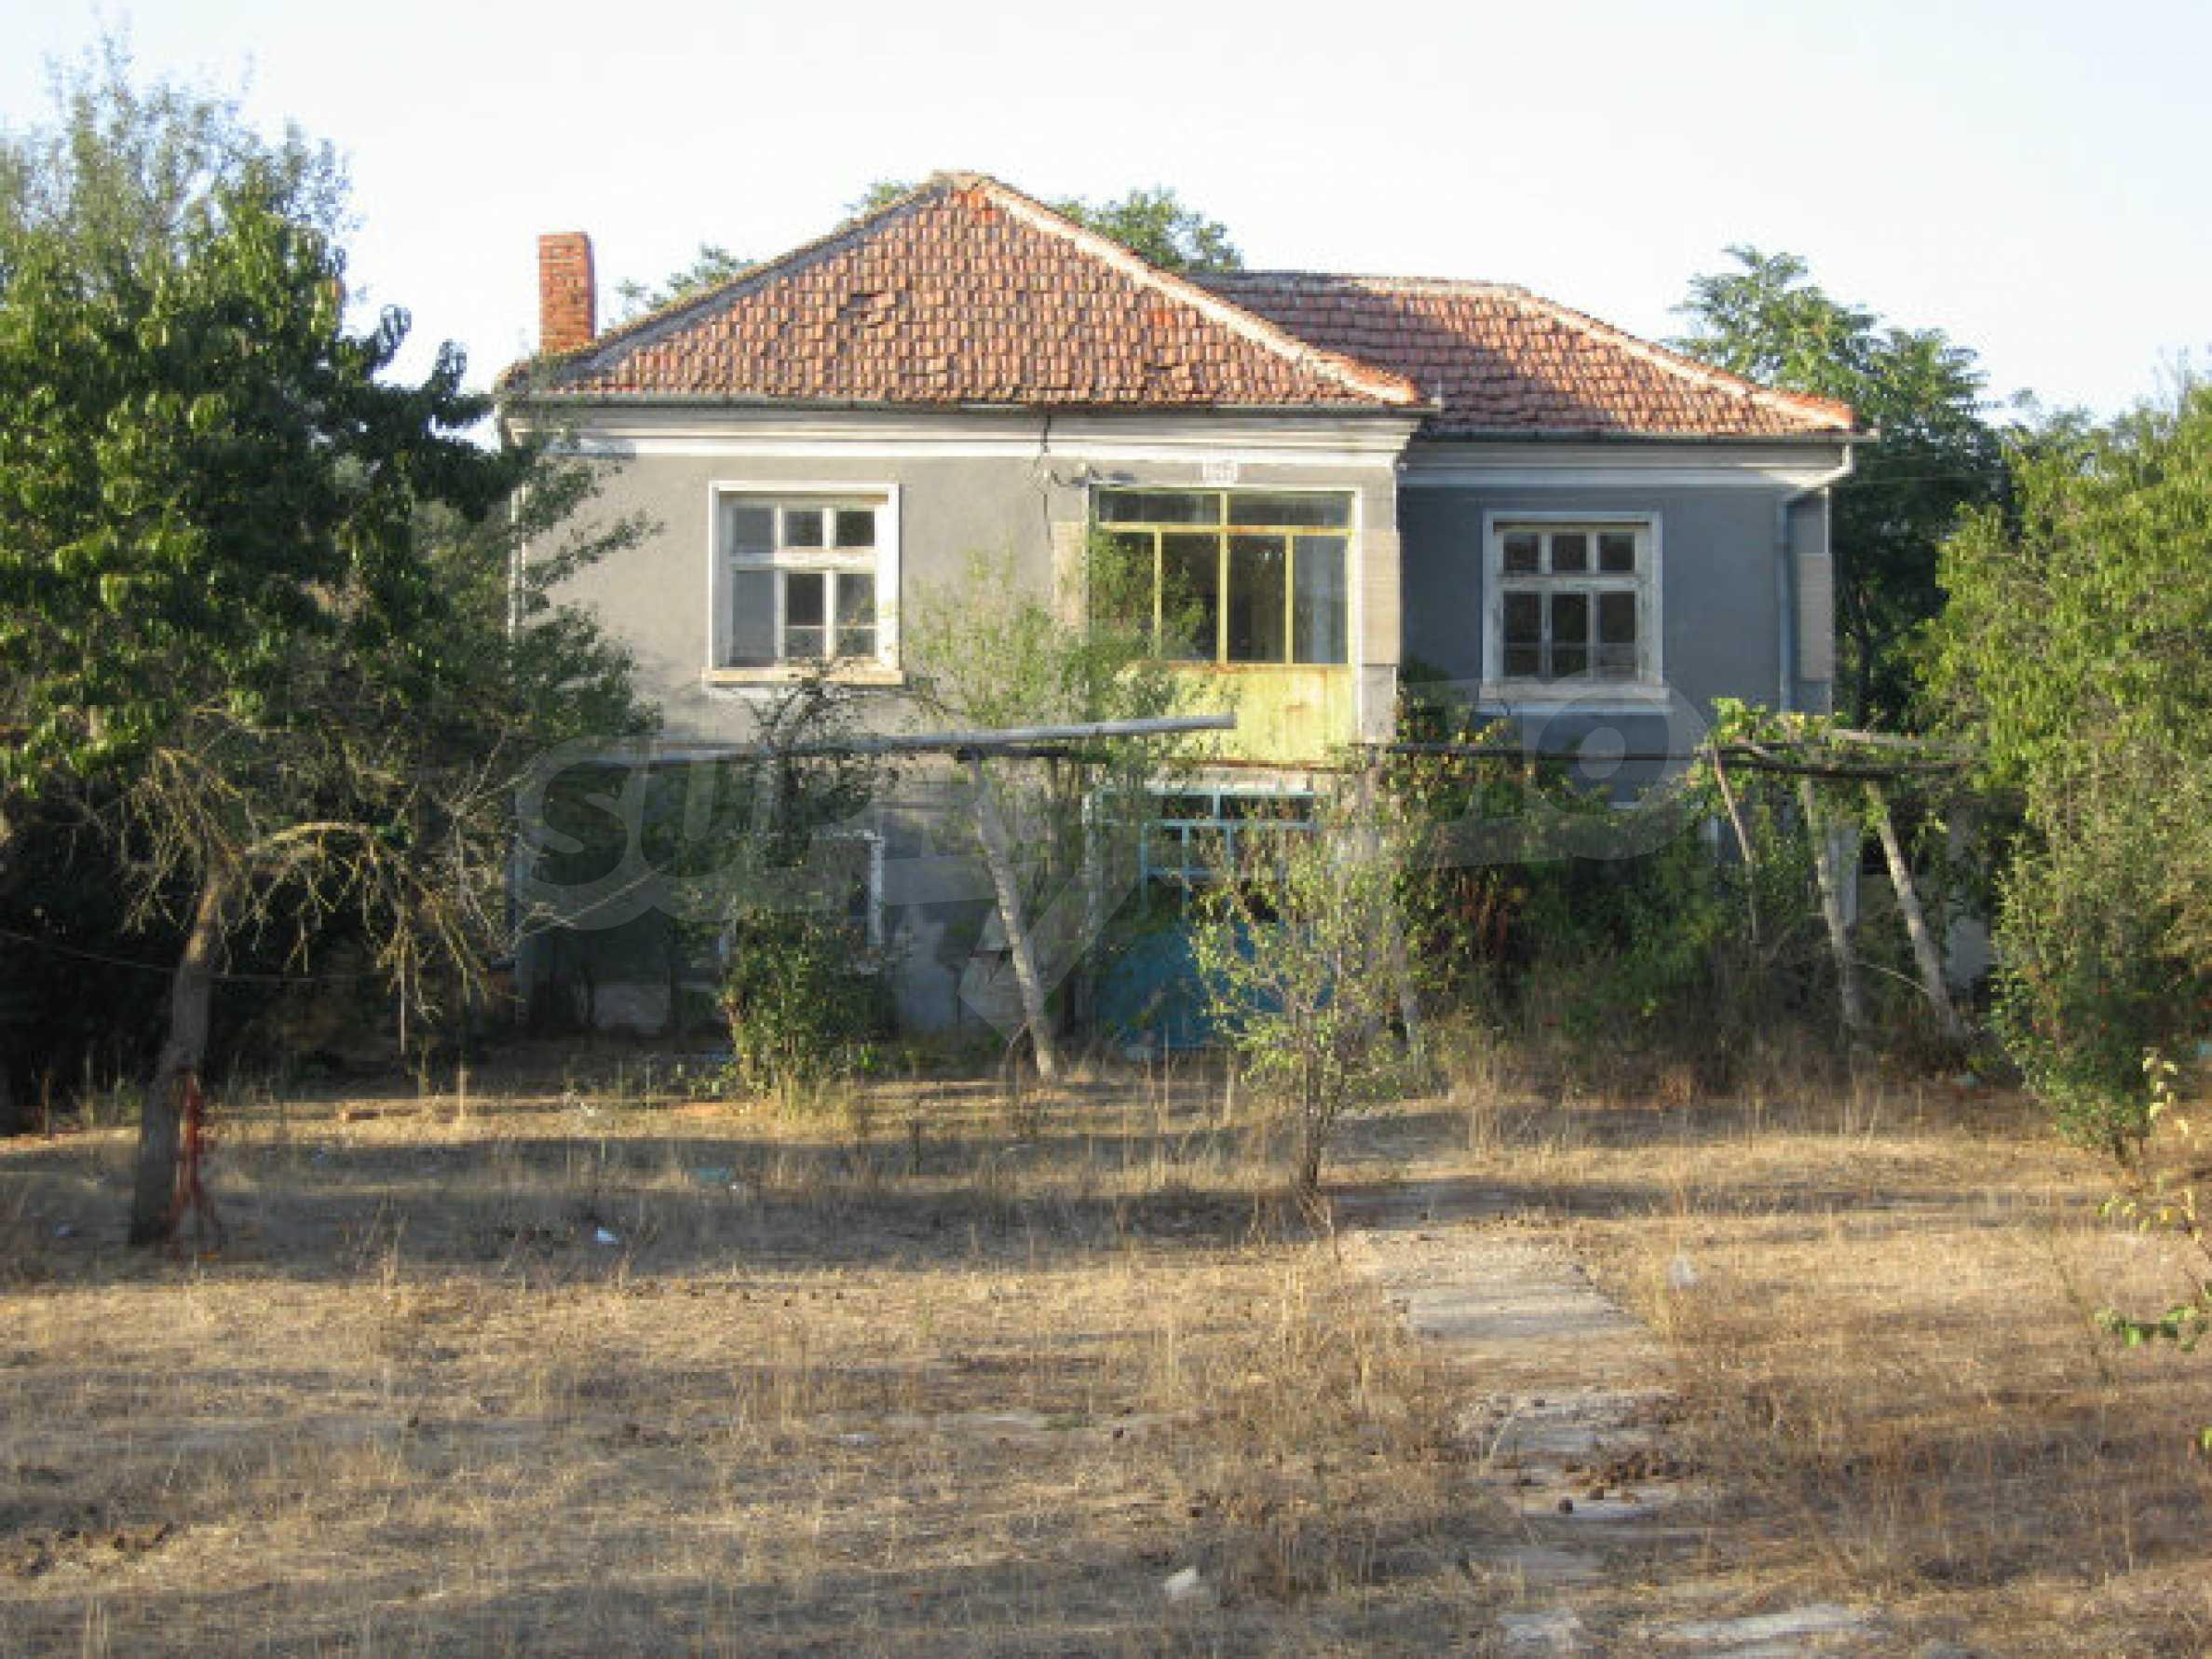 Sonniges zweistöckiges Haus in einem kleinen Dorf in der Nähe der Flüsse Tundzha und Elhovo